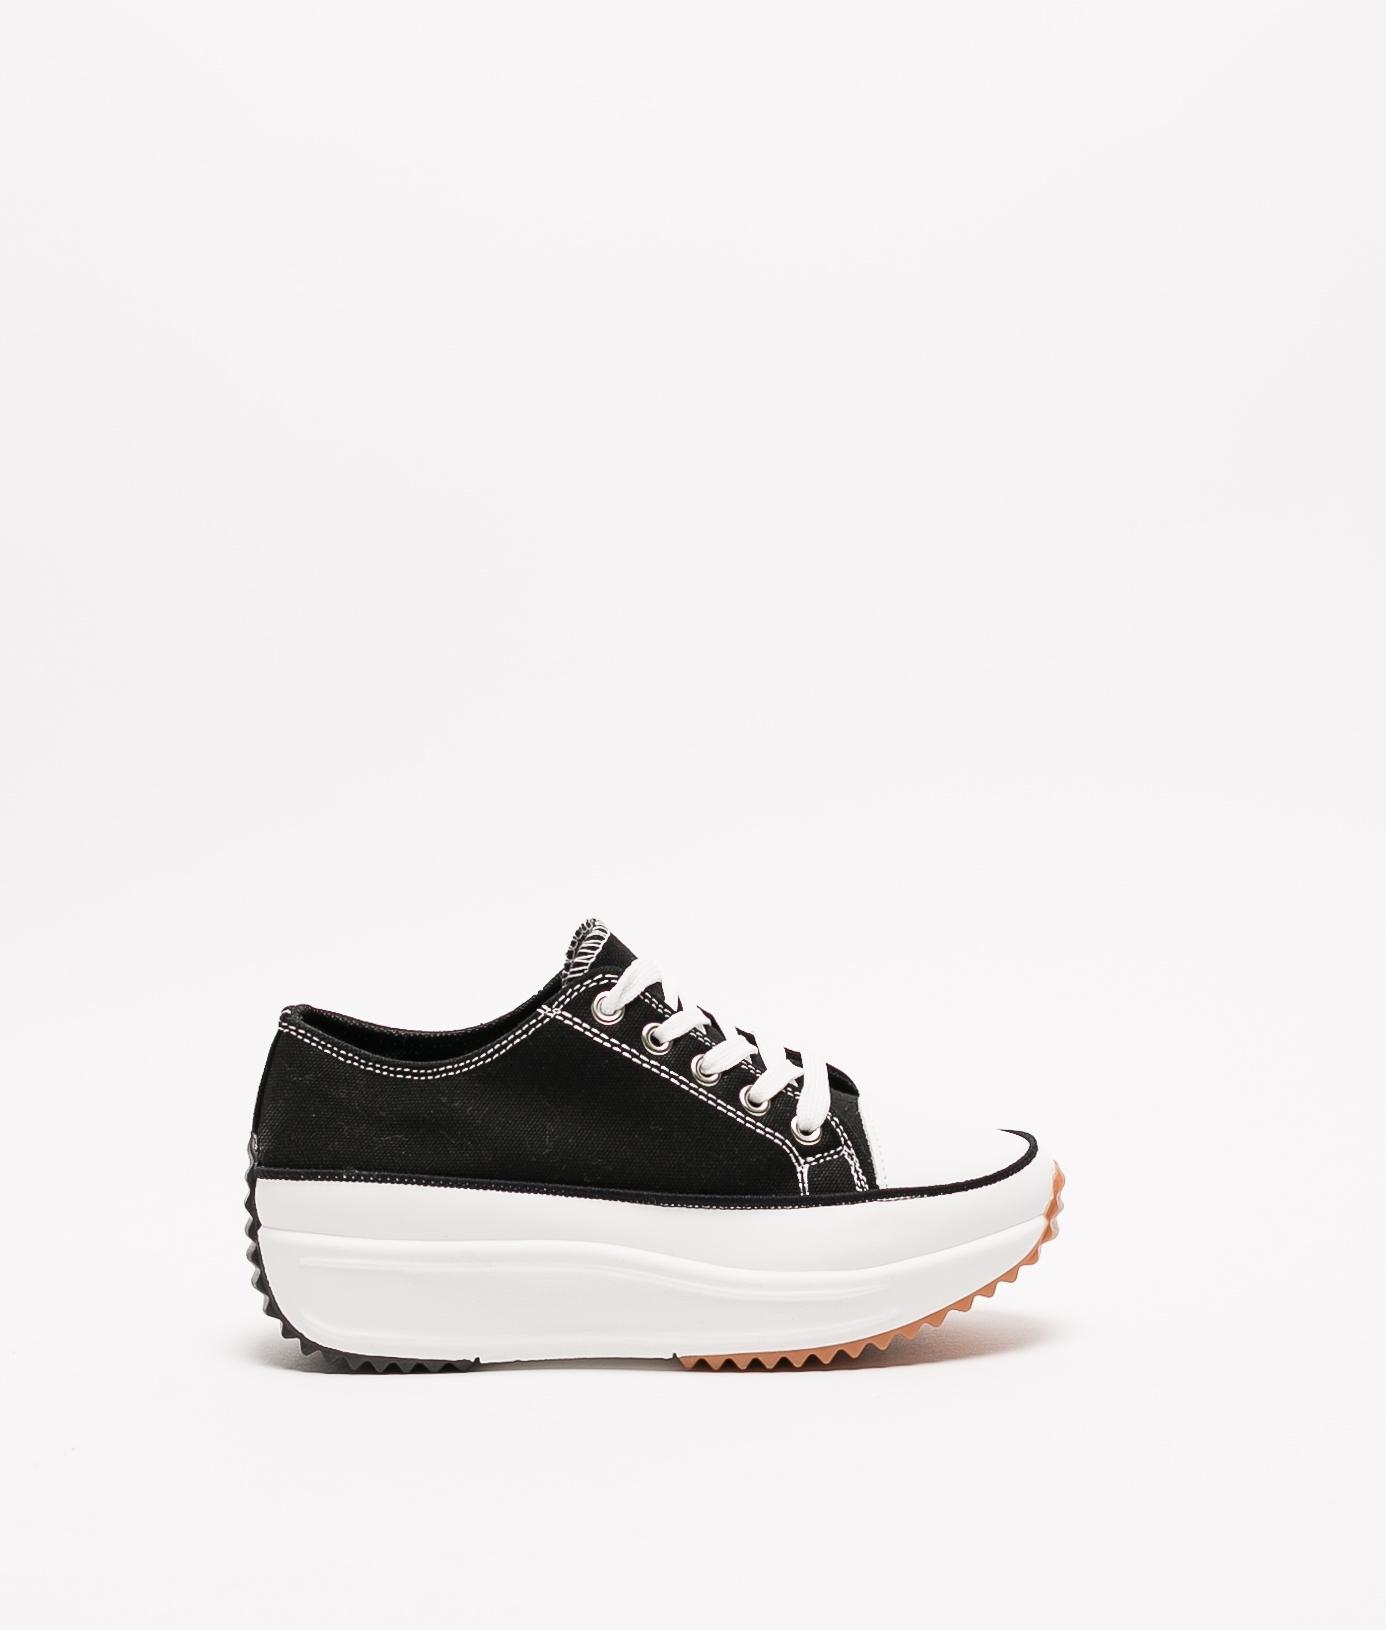 Sneakers Klun - Negro